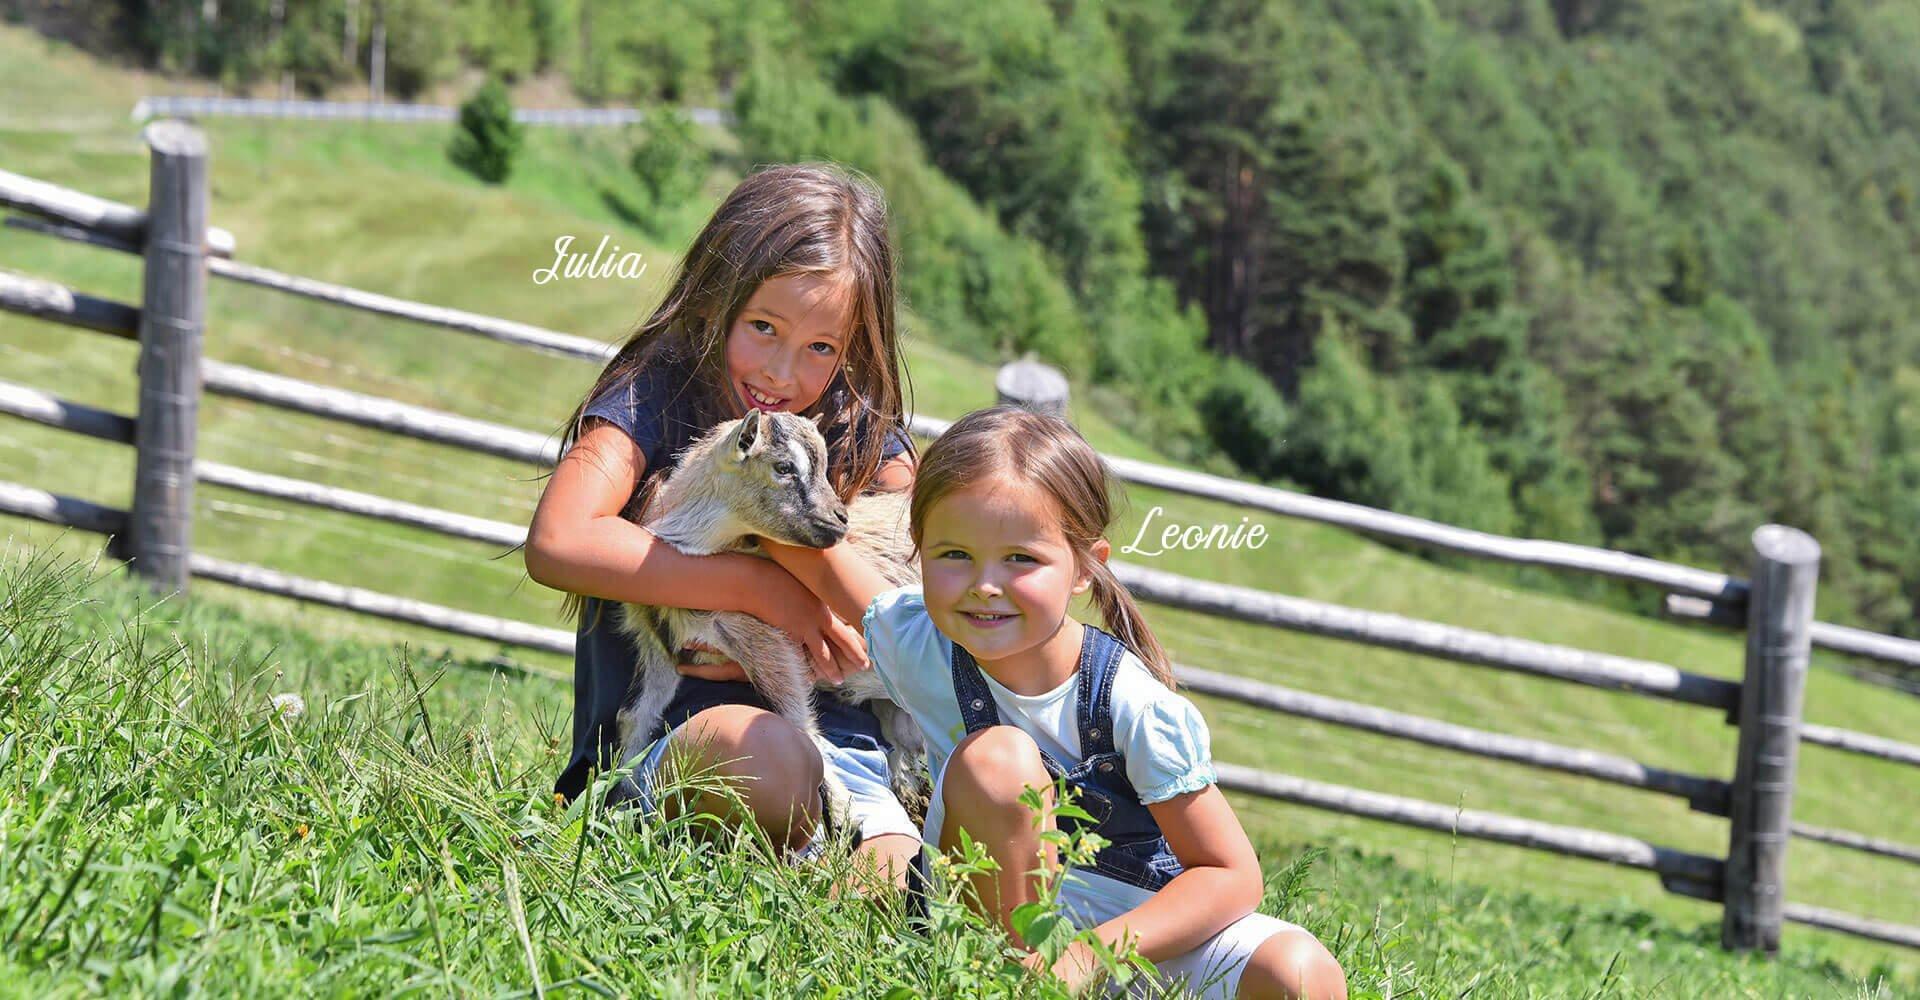 Ihre Gastgeber am Sieberlechnerhof | Julia und Leonie